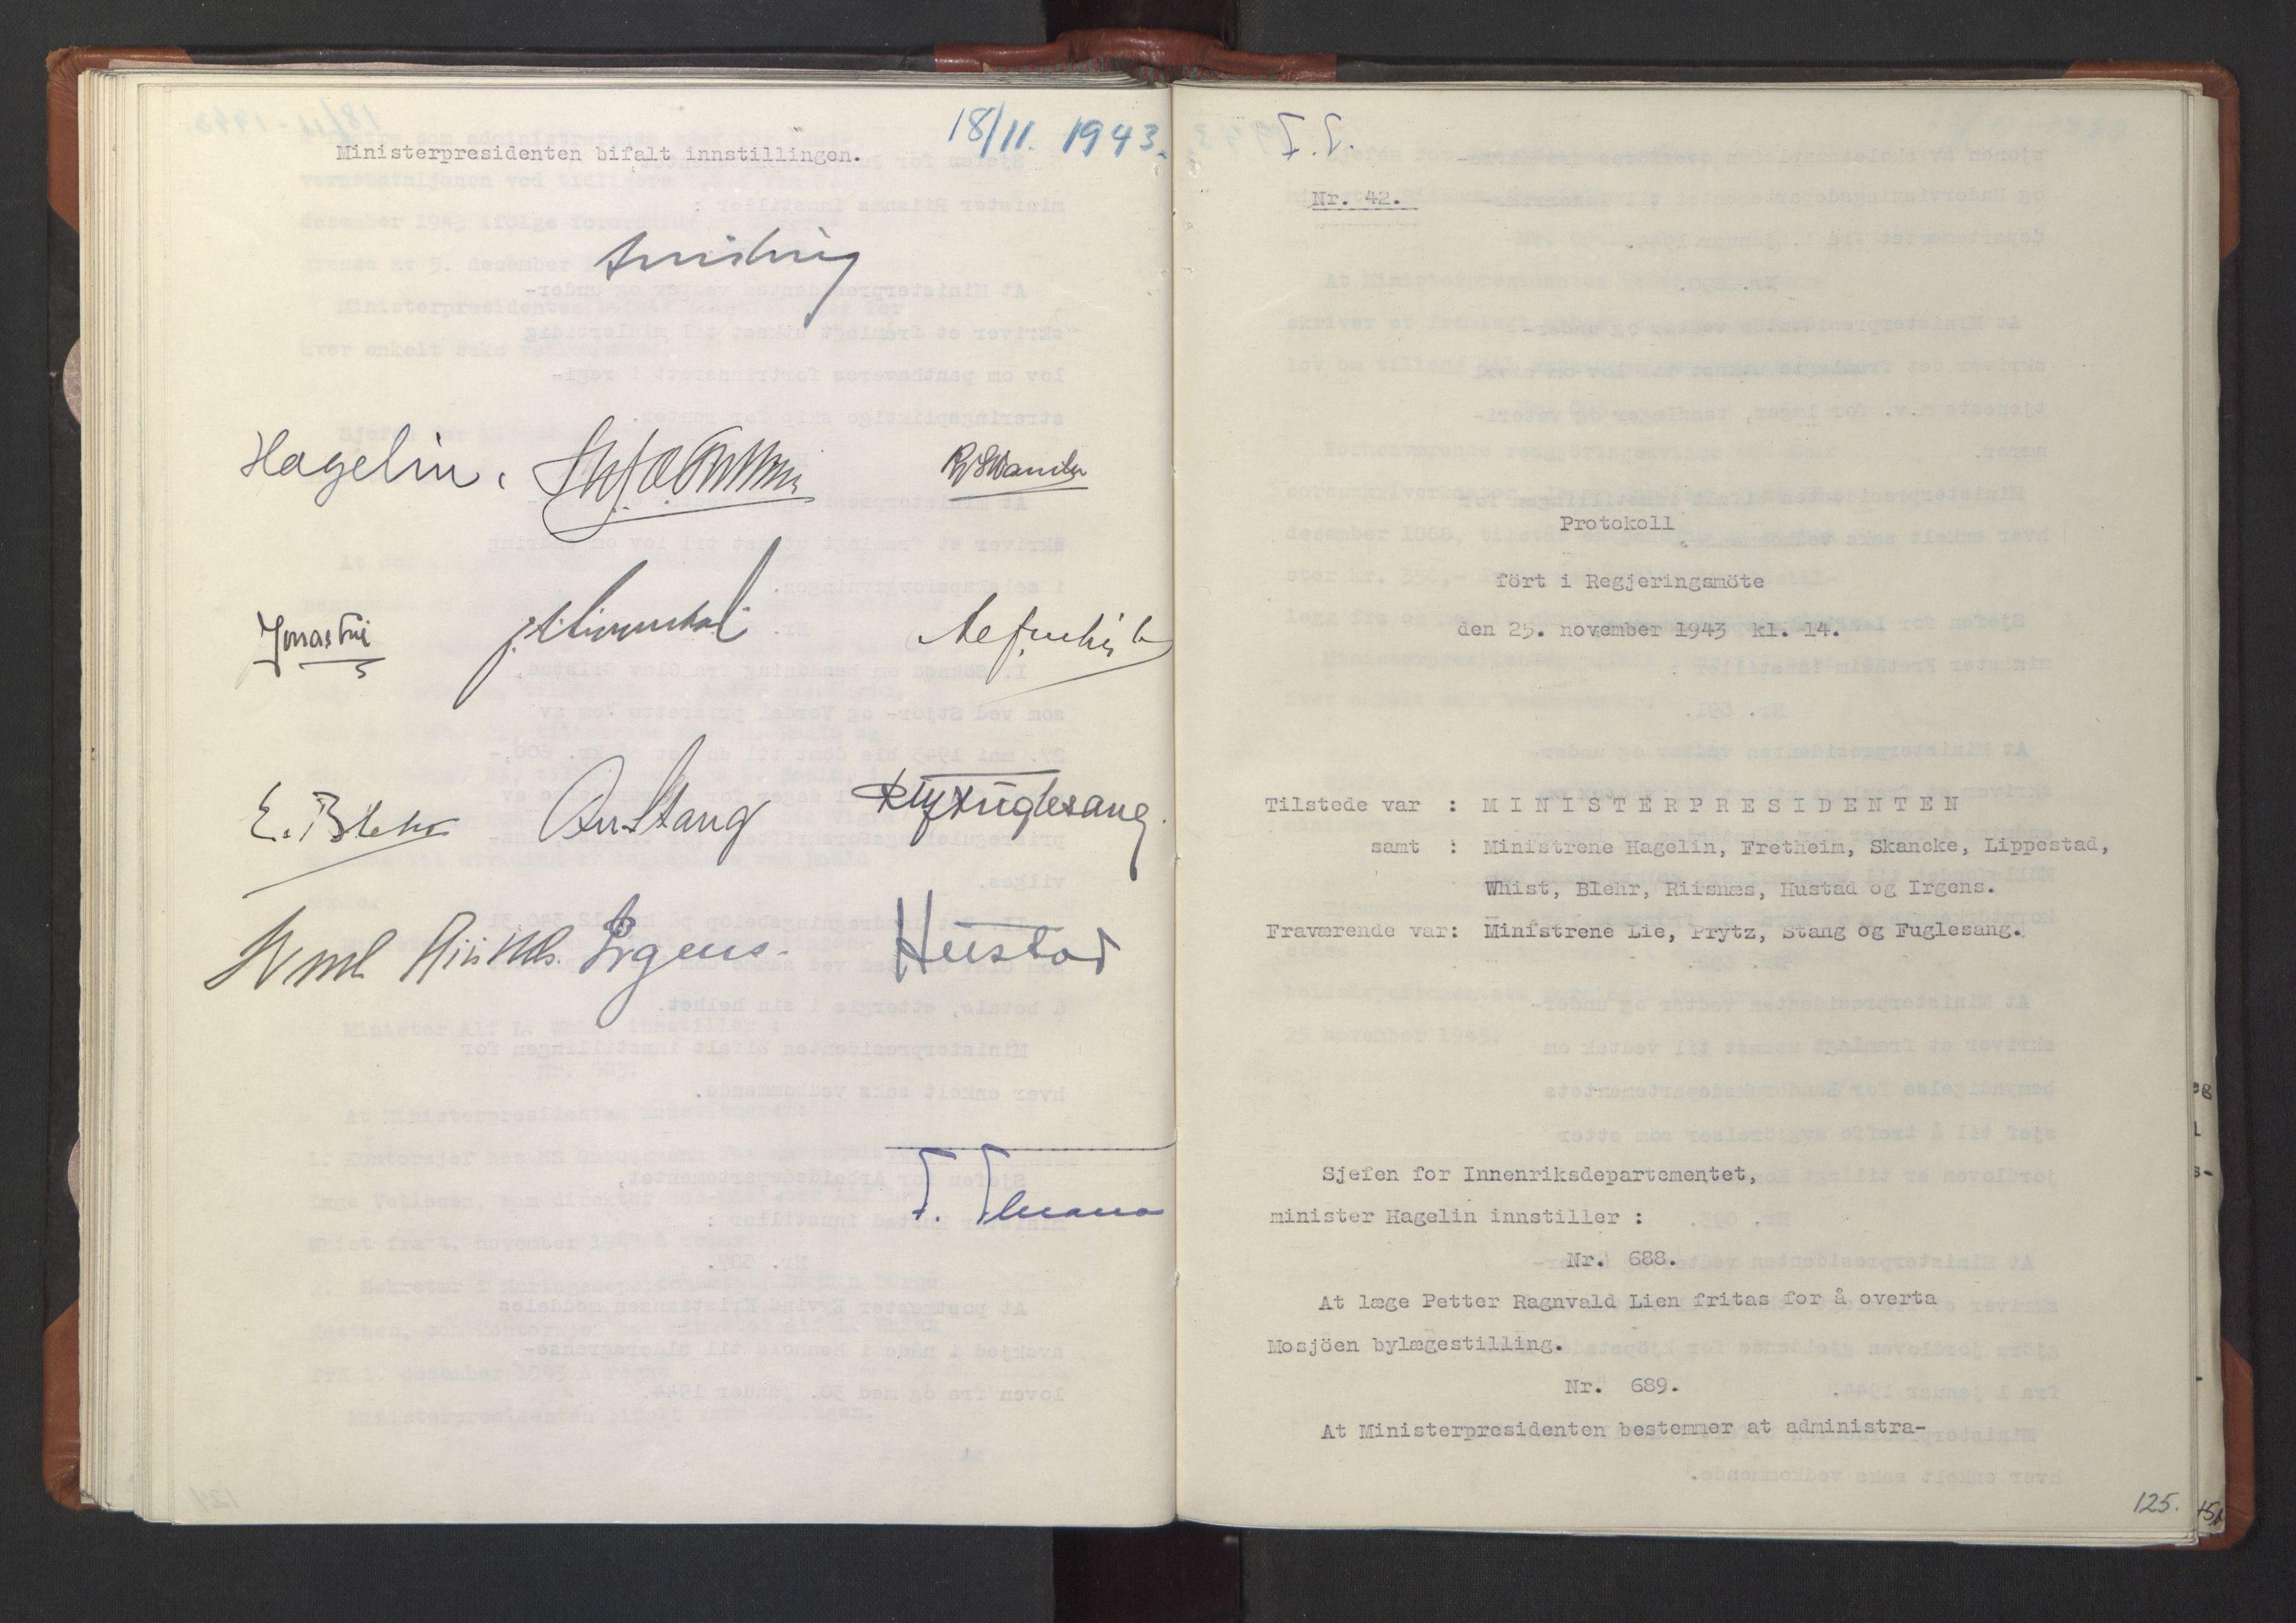 RA, NS-administrasjonen 1940-1945 (Statsrådsekretariatet, de kommisariske statsråder mm), D/Da/L0003: Vedtak (Beslutninger) nr. 1-746 og tillegg nr. 1-47 (RA. j.nr. 1394/1944, tilgangsnr. 8/1944, 1943, s. 124b-125a